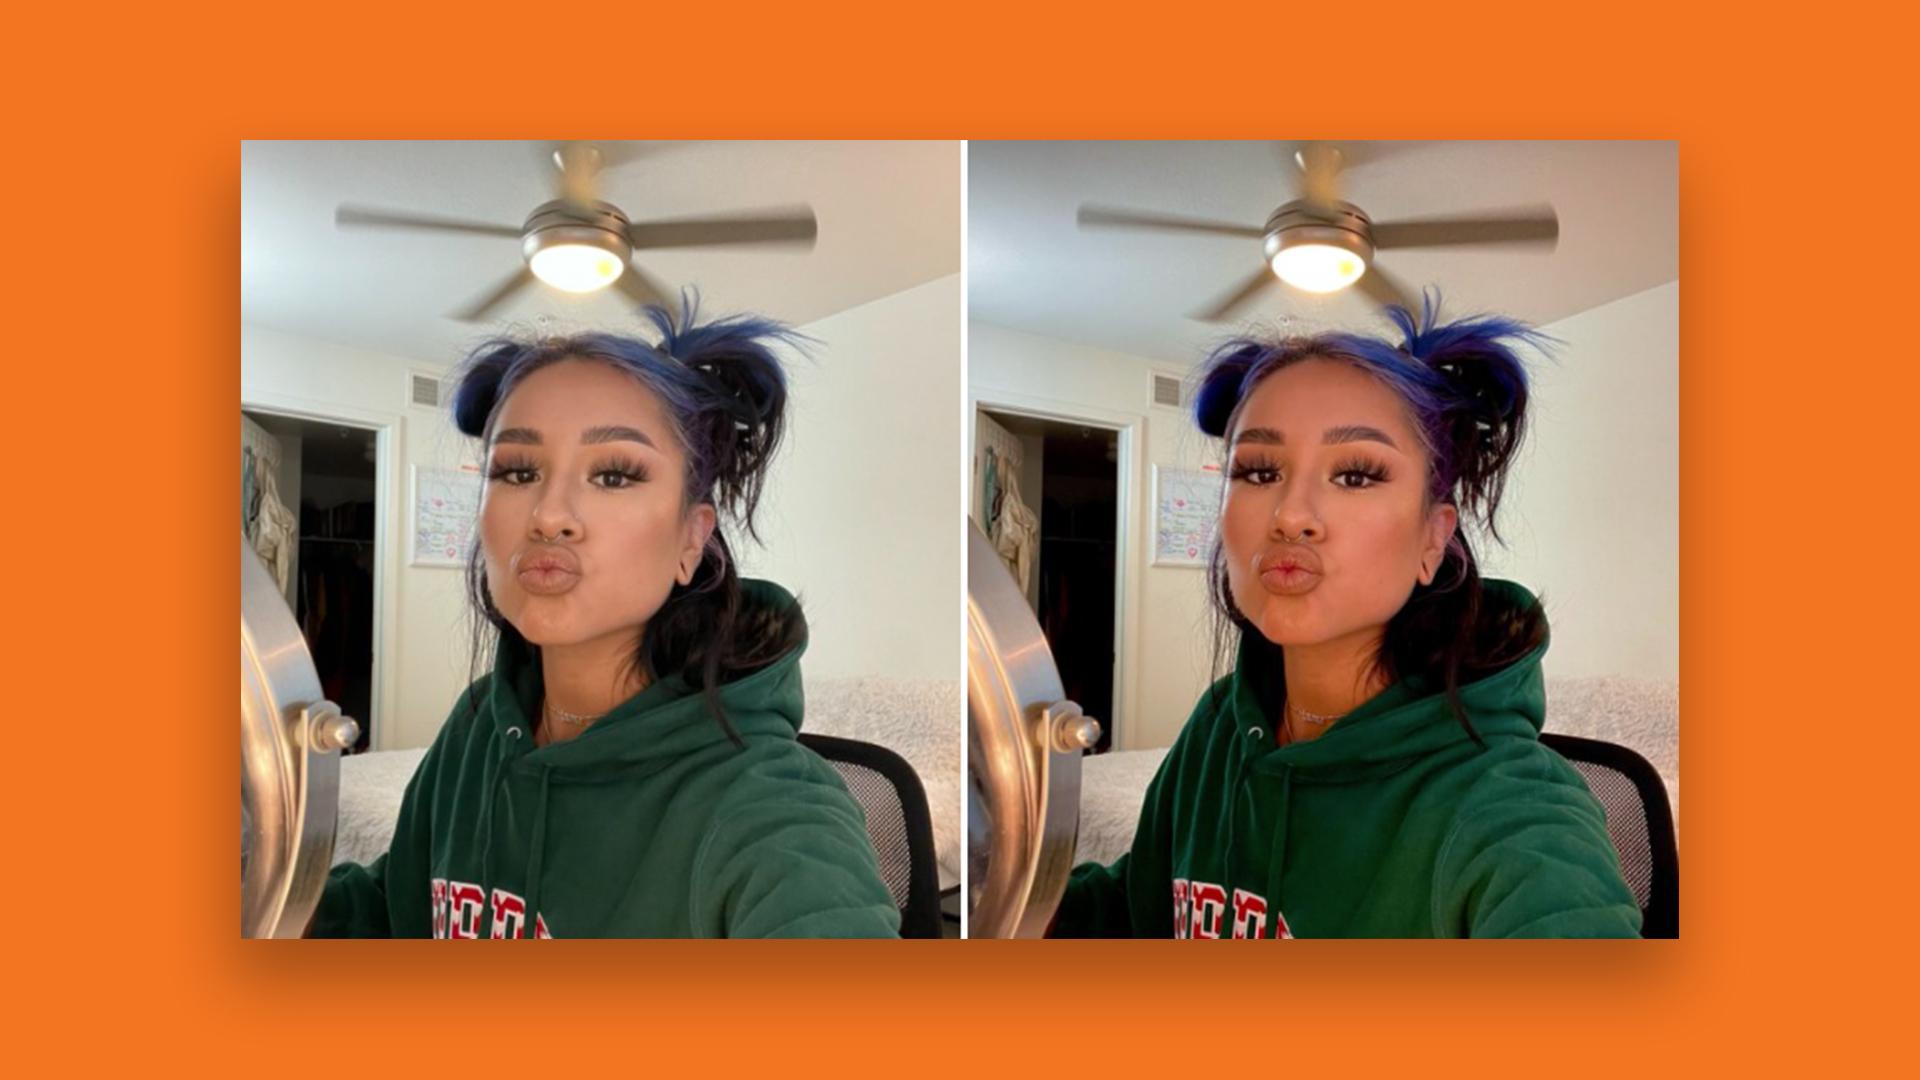 TikTok users are loving this photo editing hack